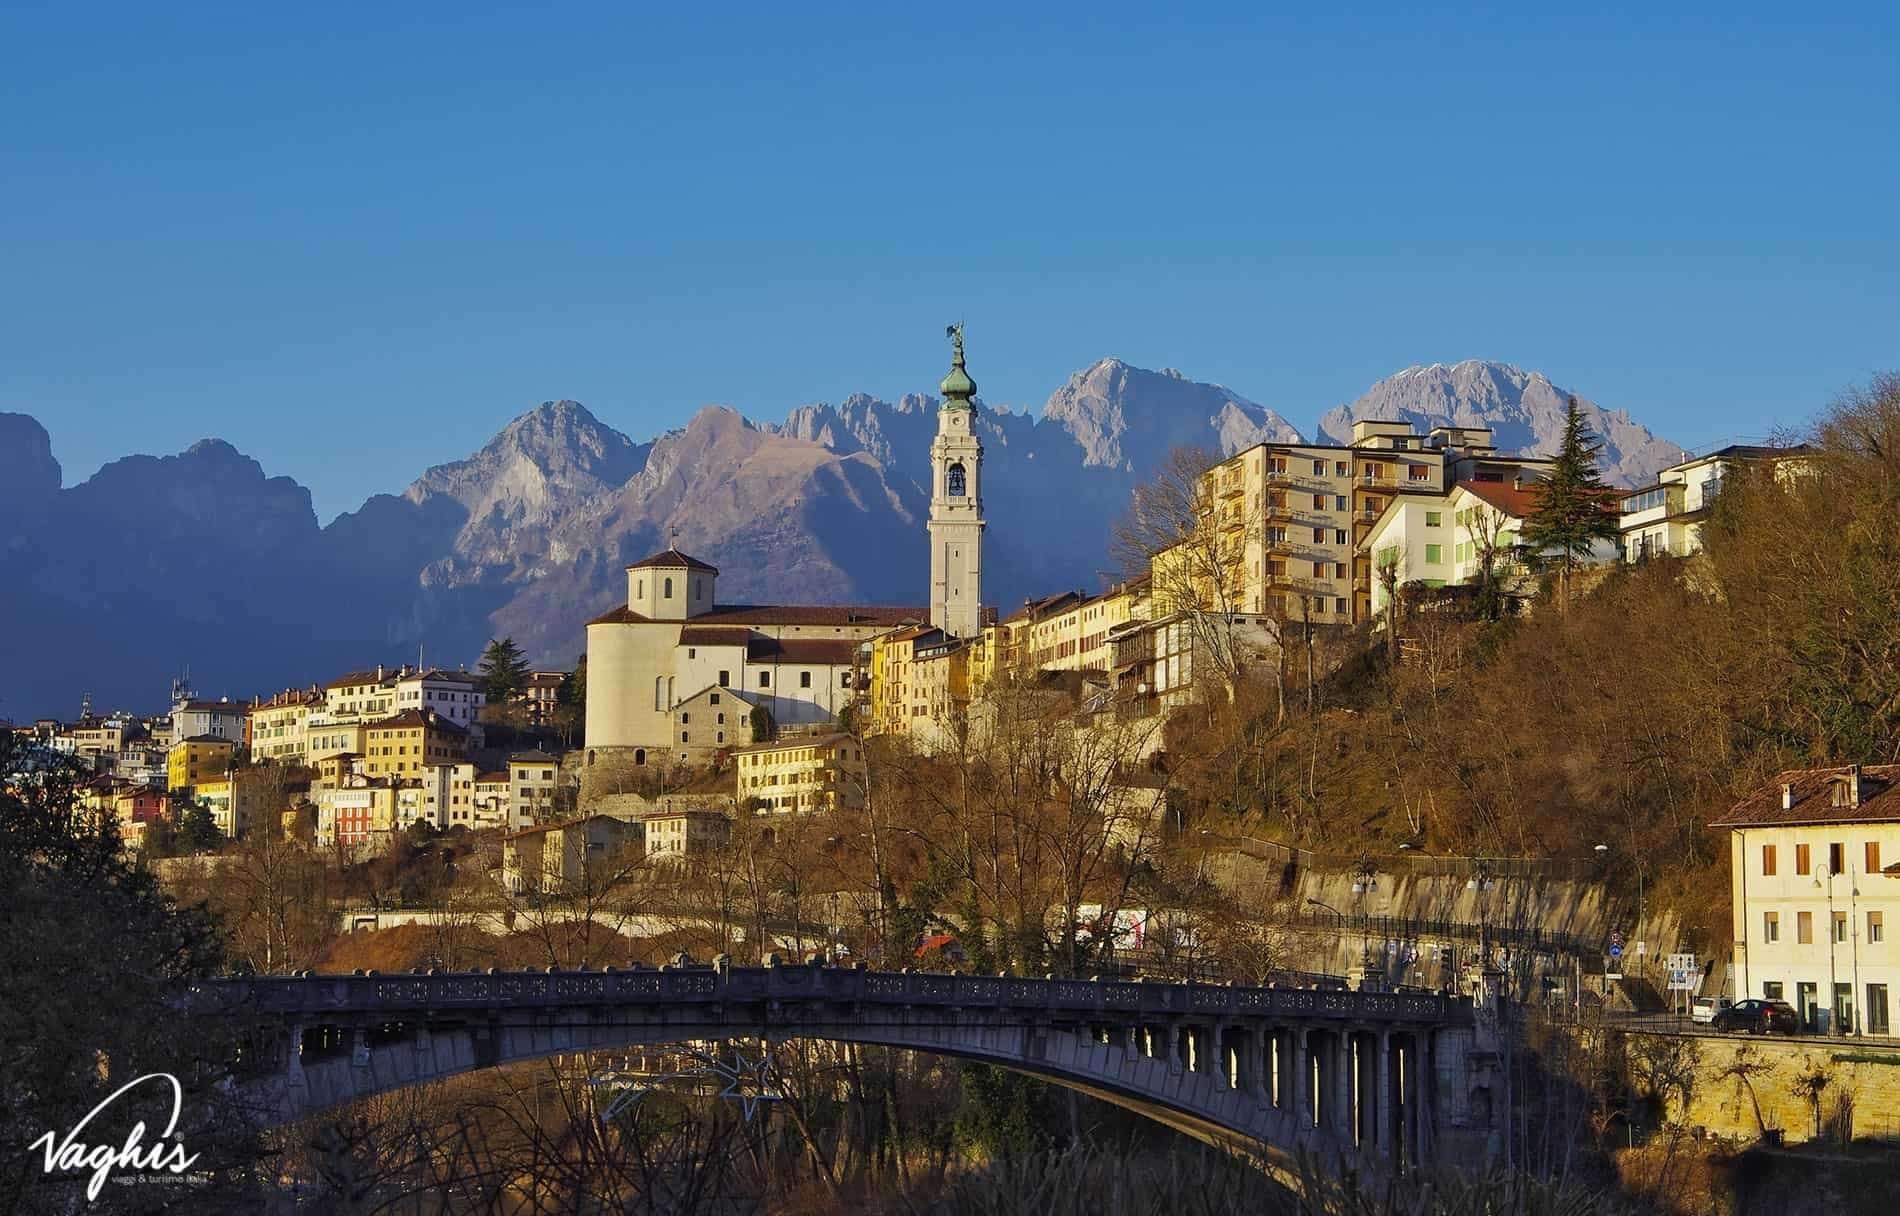 Belluno - © Vaghis - viaggi & turismo Italia - Tutti i diritti riservati